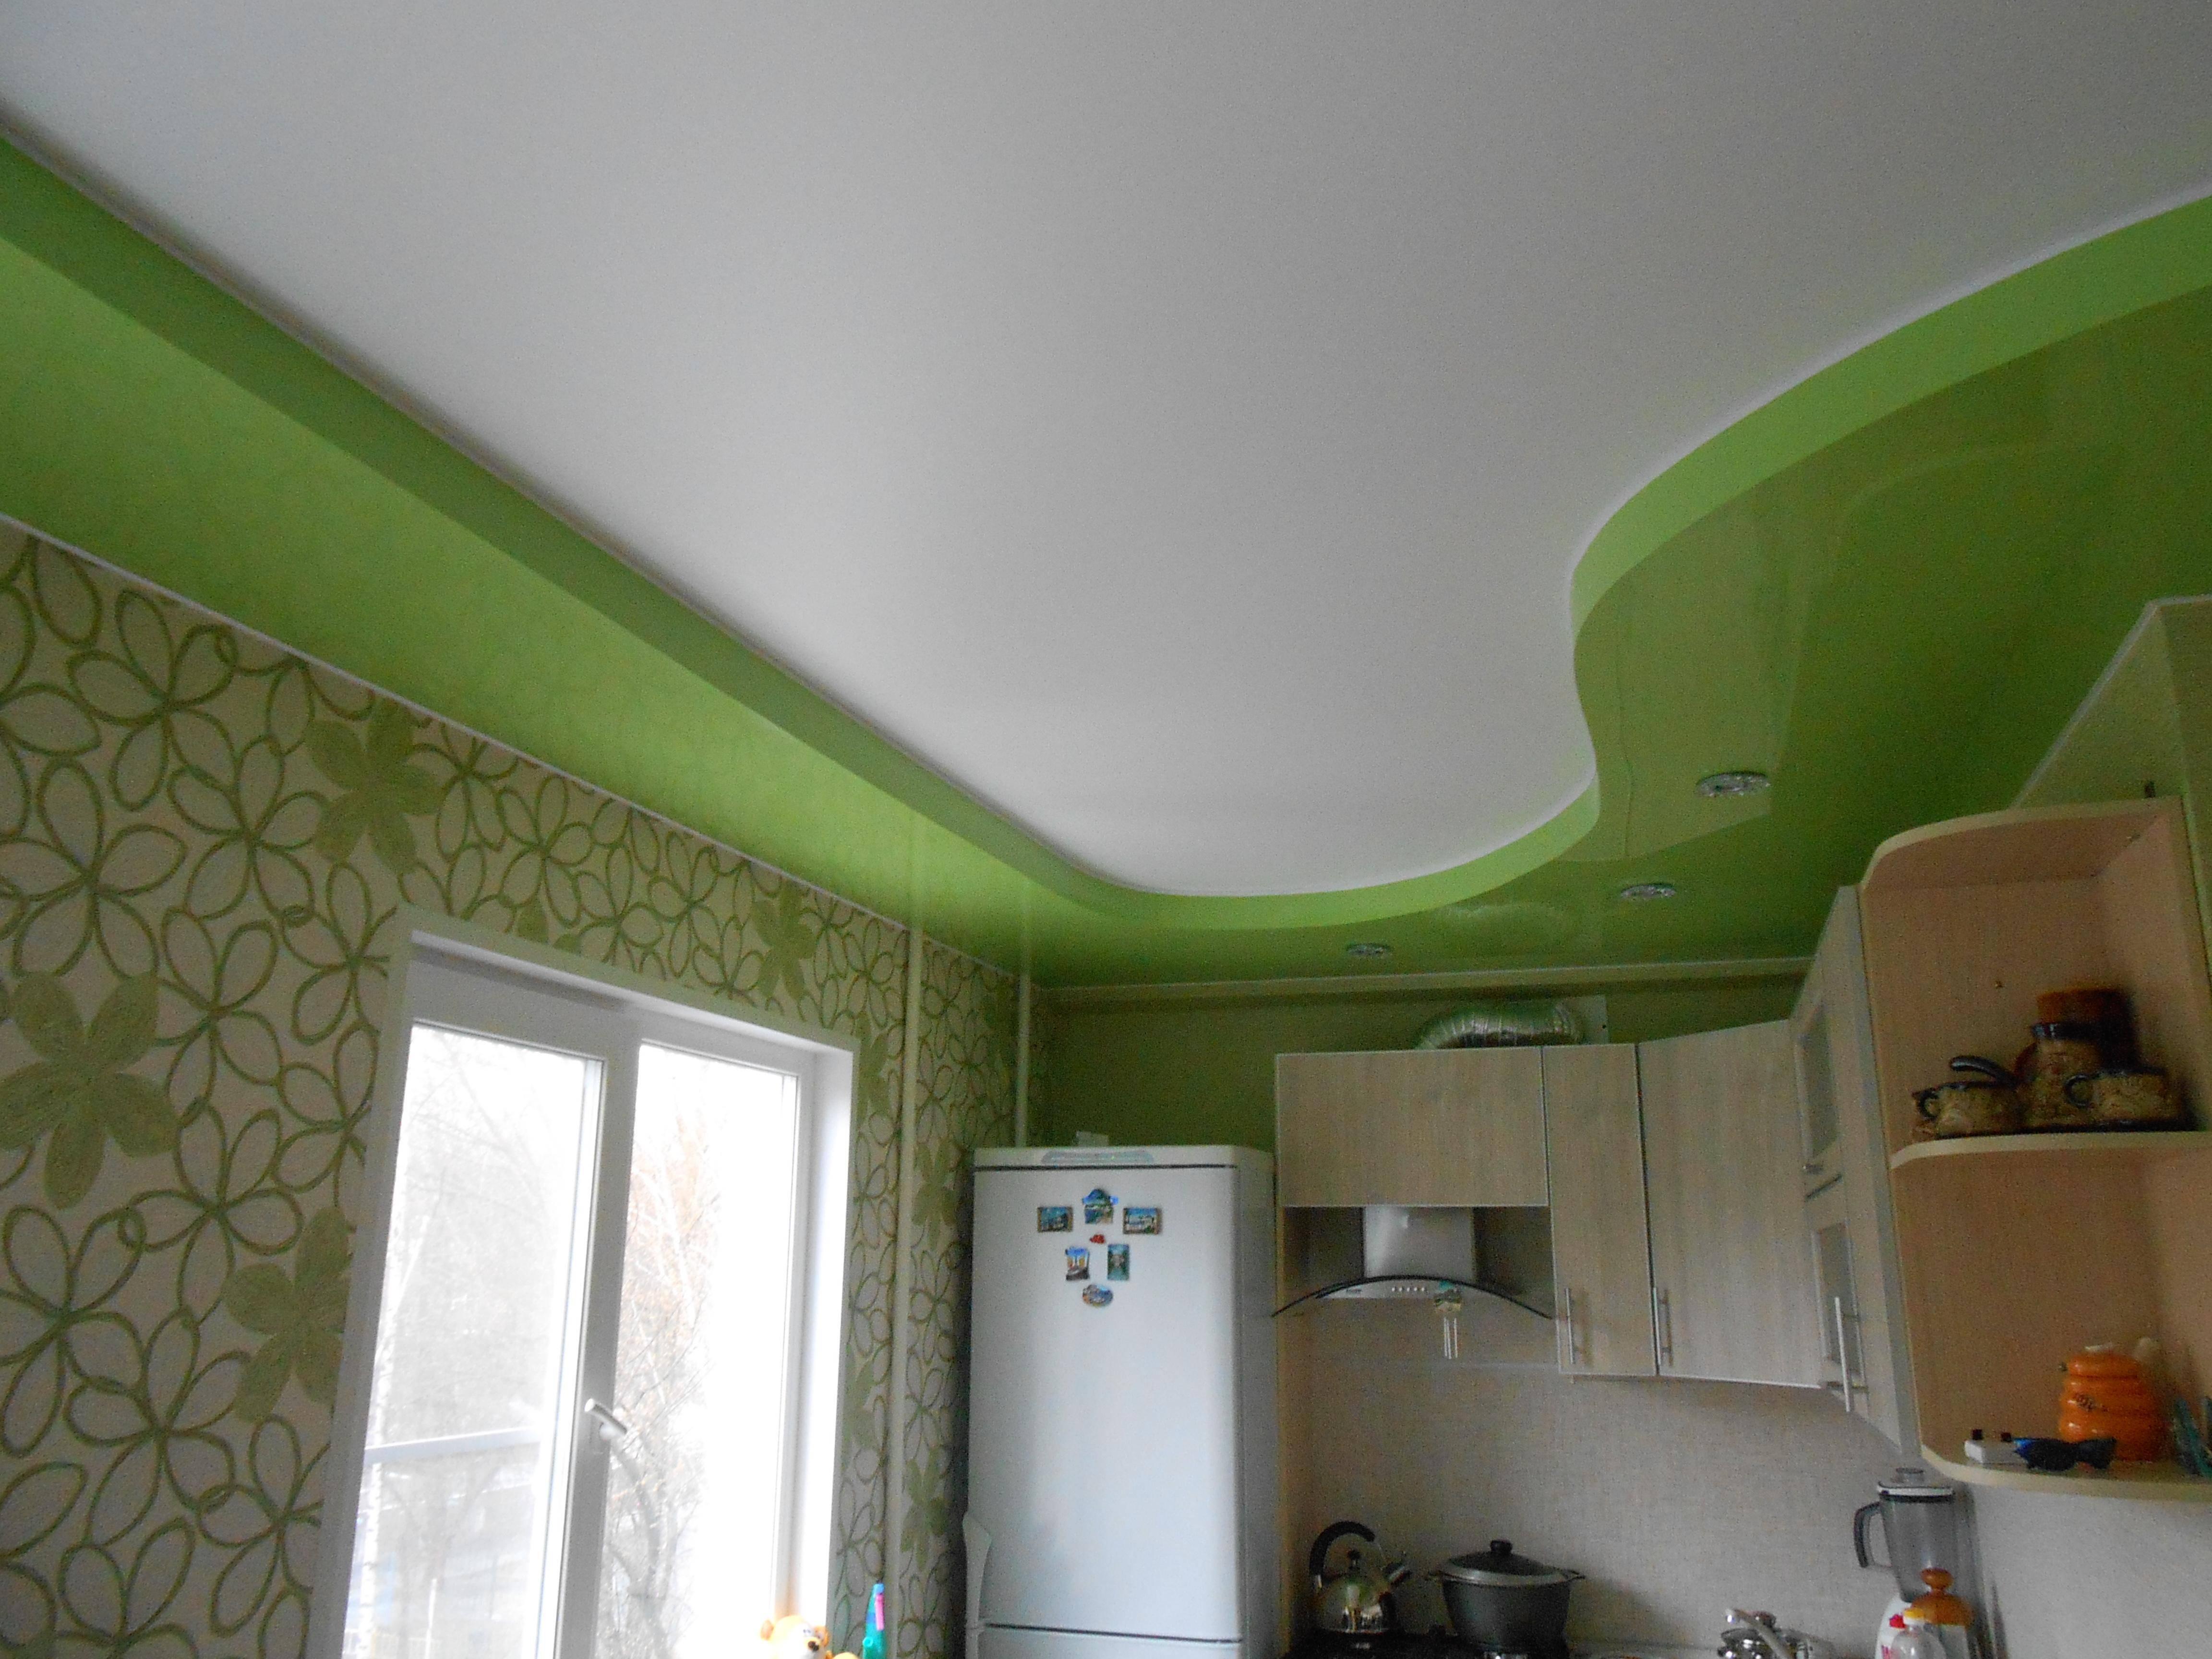 Натяжные потолки пвх или тканевые полотна: что лучше